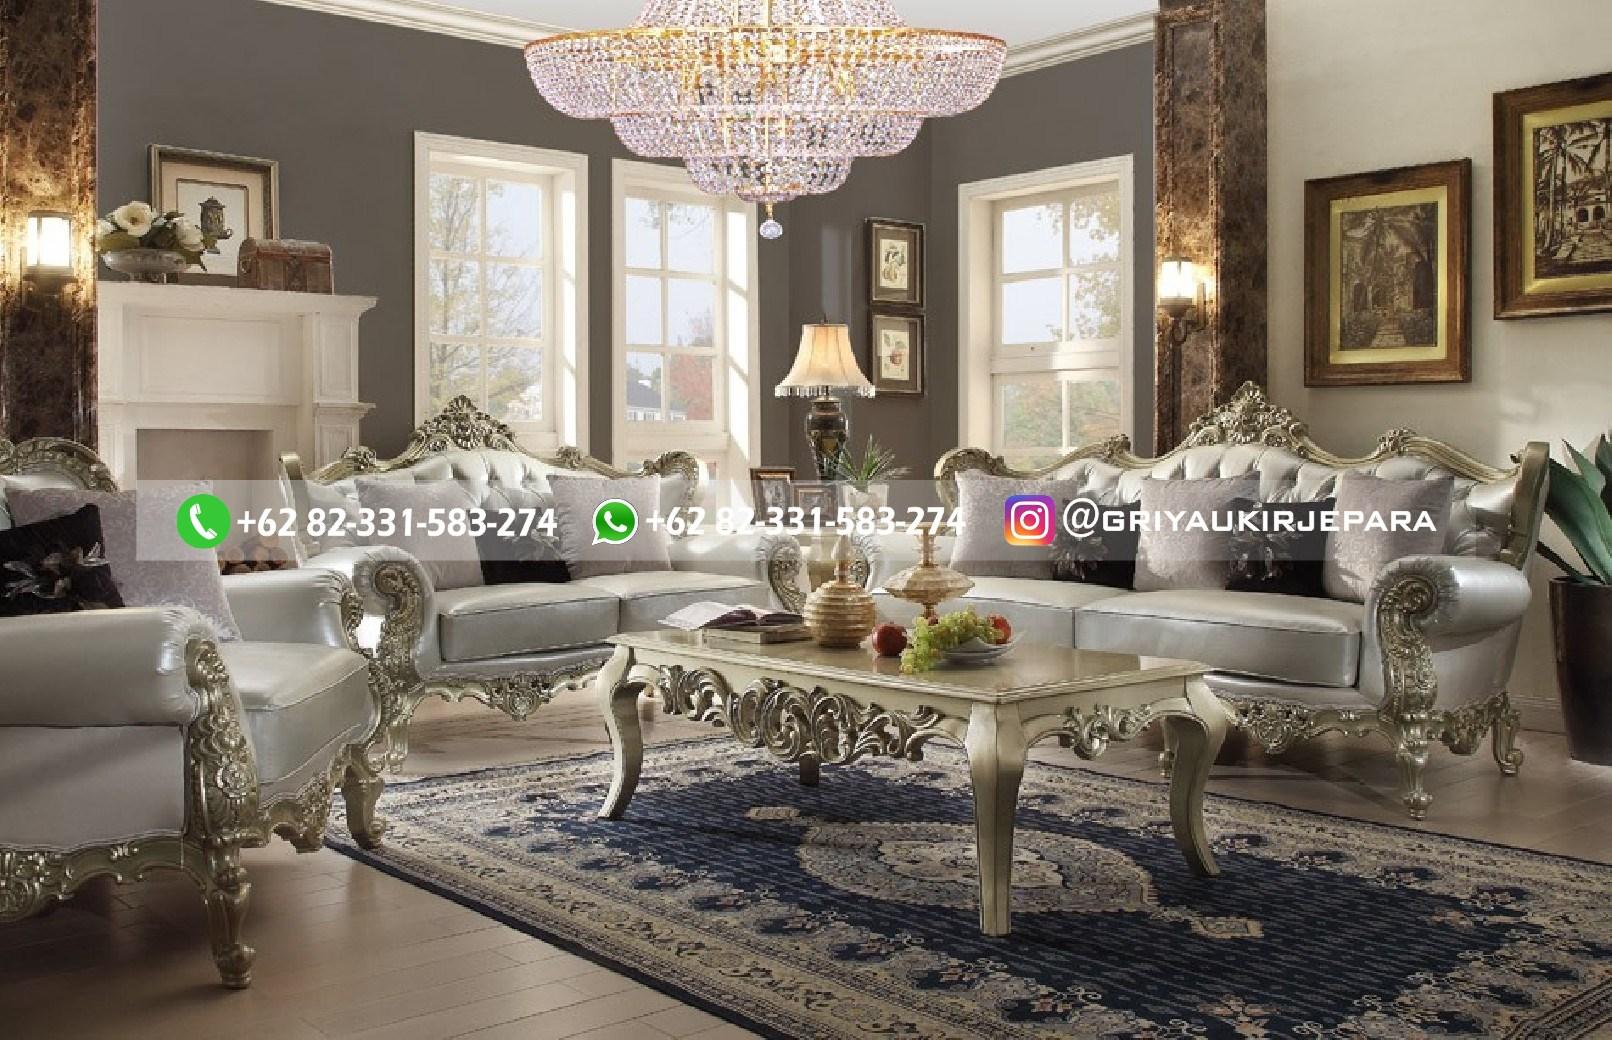 sofa ruang tamu jati mewah griya ukir jepara 85 - 70 Sofa Ruang Tamu Jati Mewah Murah